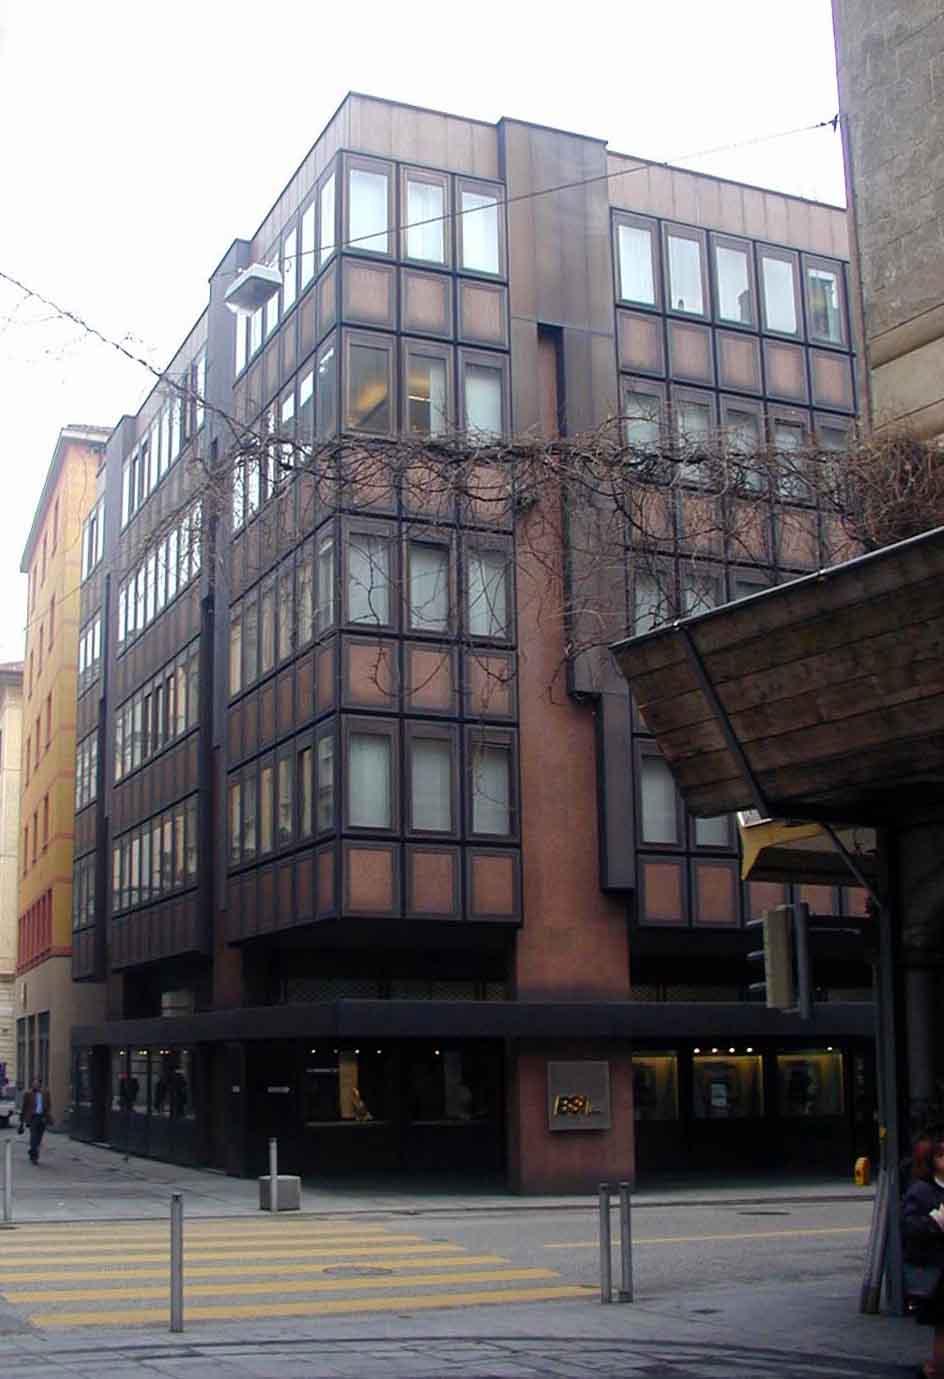 Banca della Svizzera Italiana